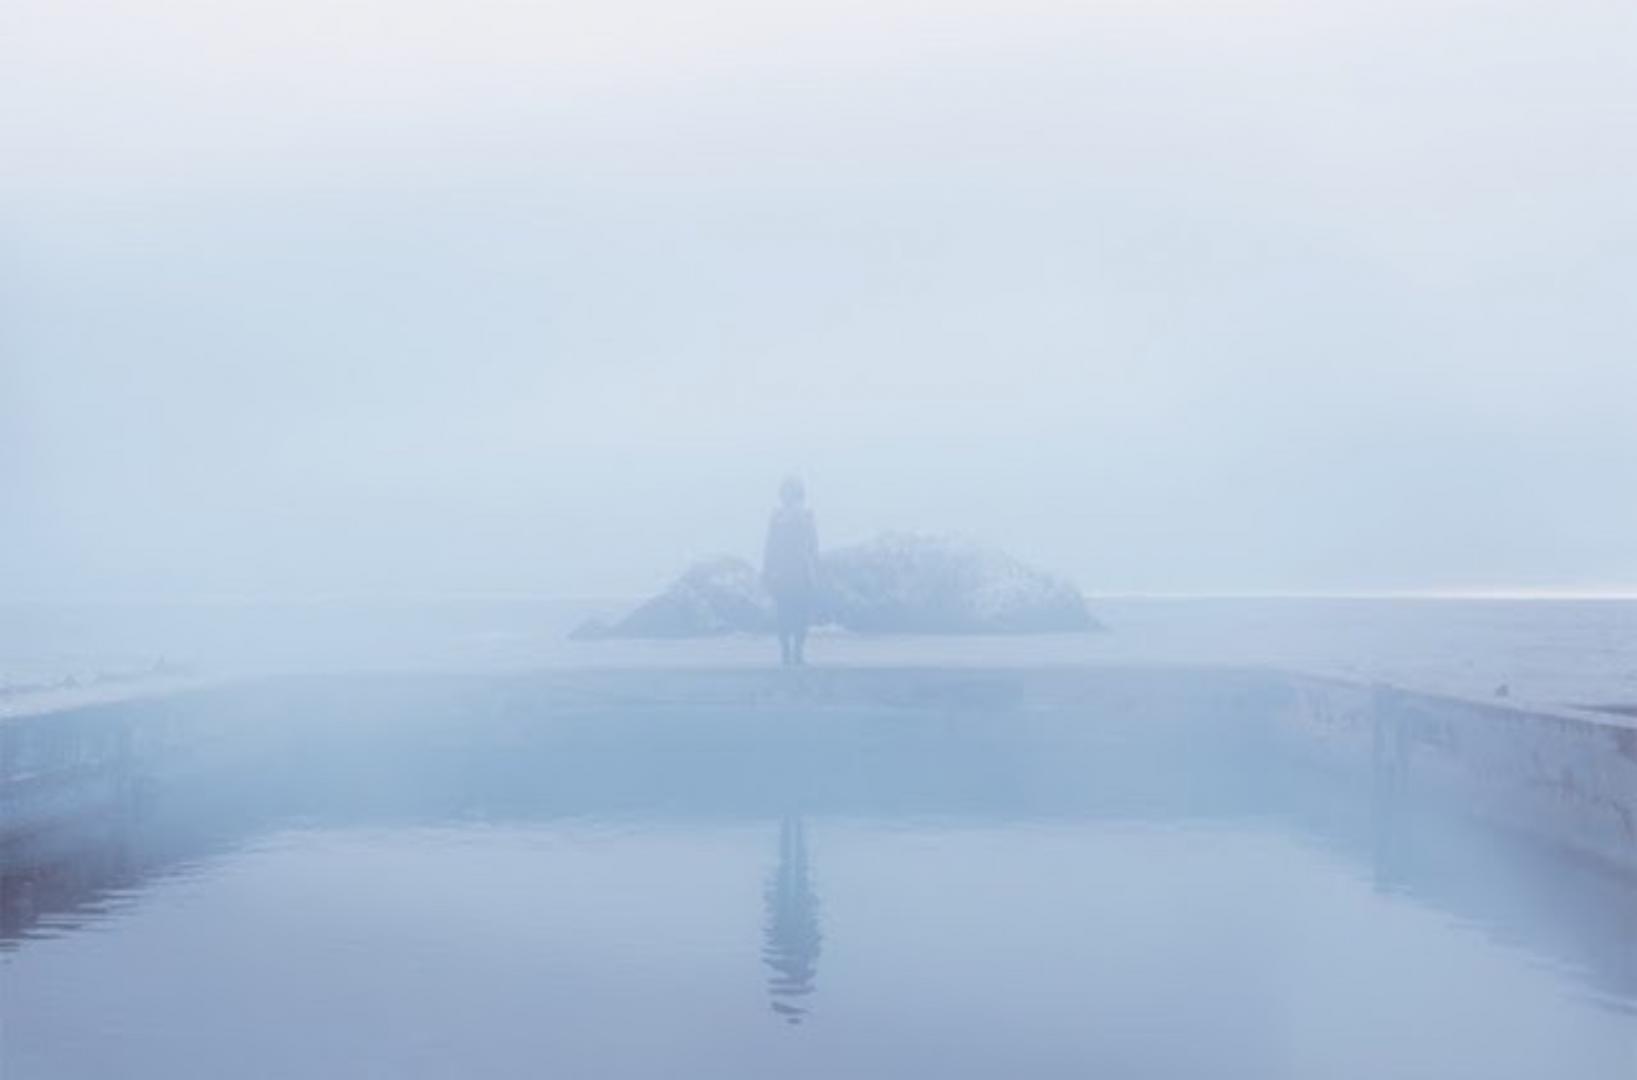 Gabriel Isak - Fotografie surreali e malinconiche